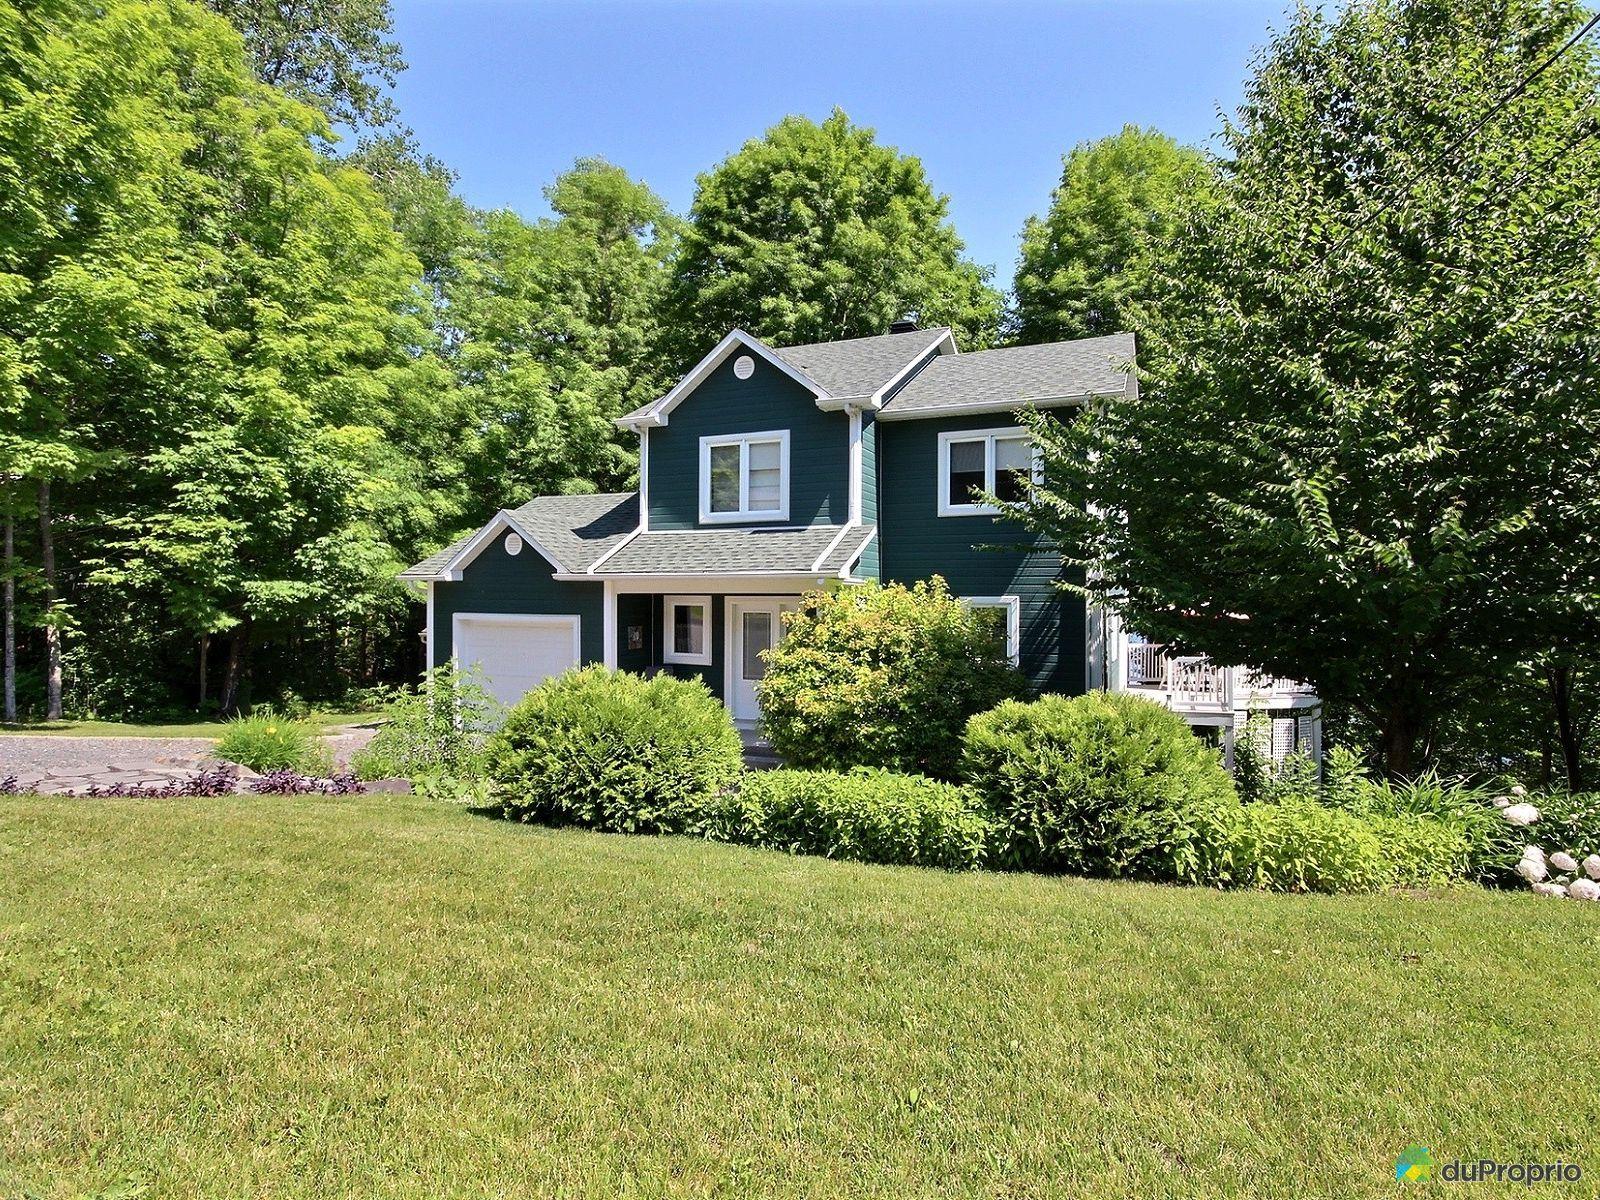 Maison a vendre lac waterloo proprietes etangs a for Cherche maison ou appartement a acheter